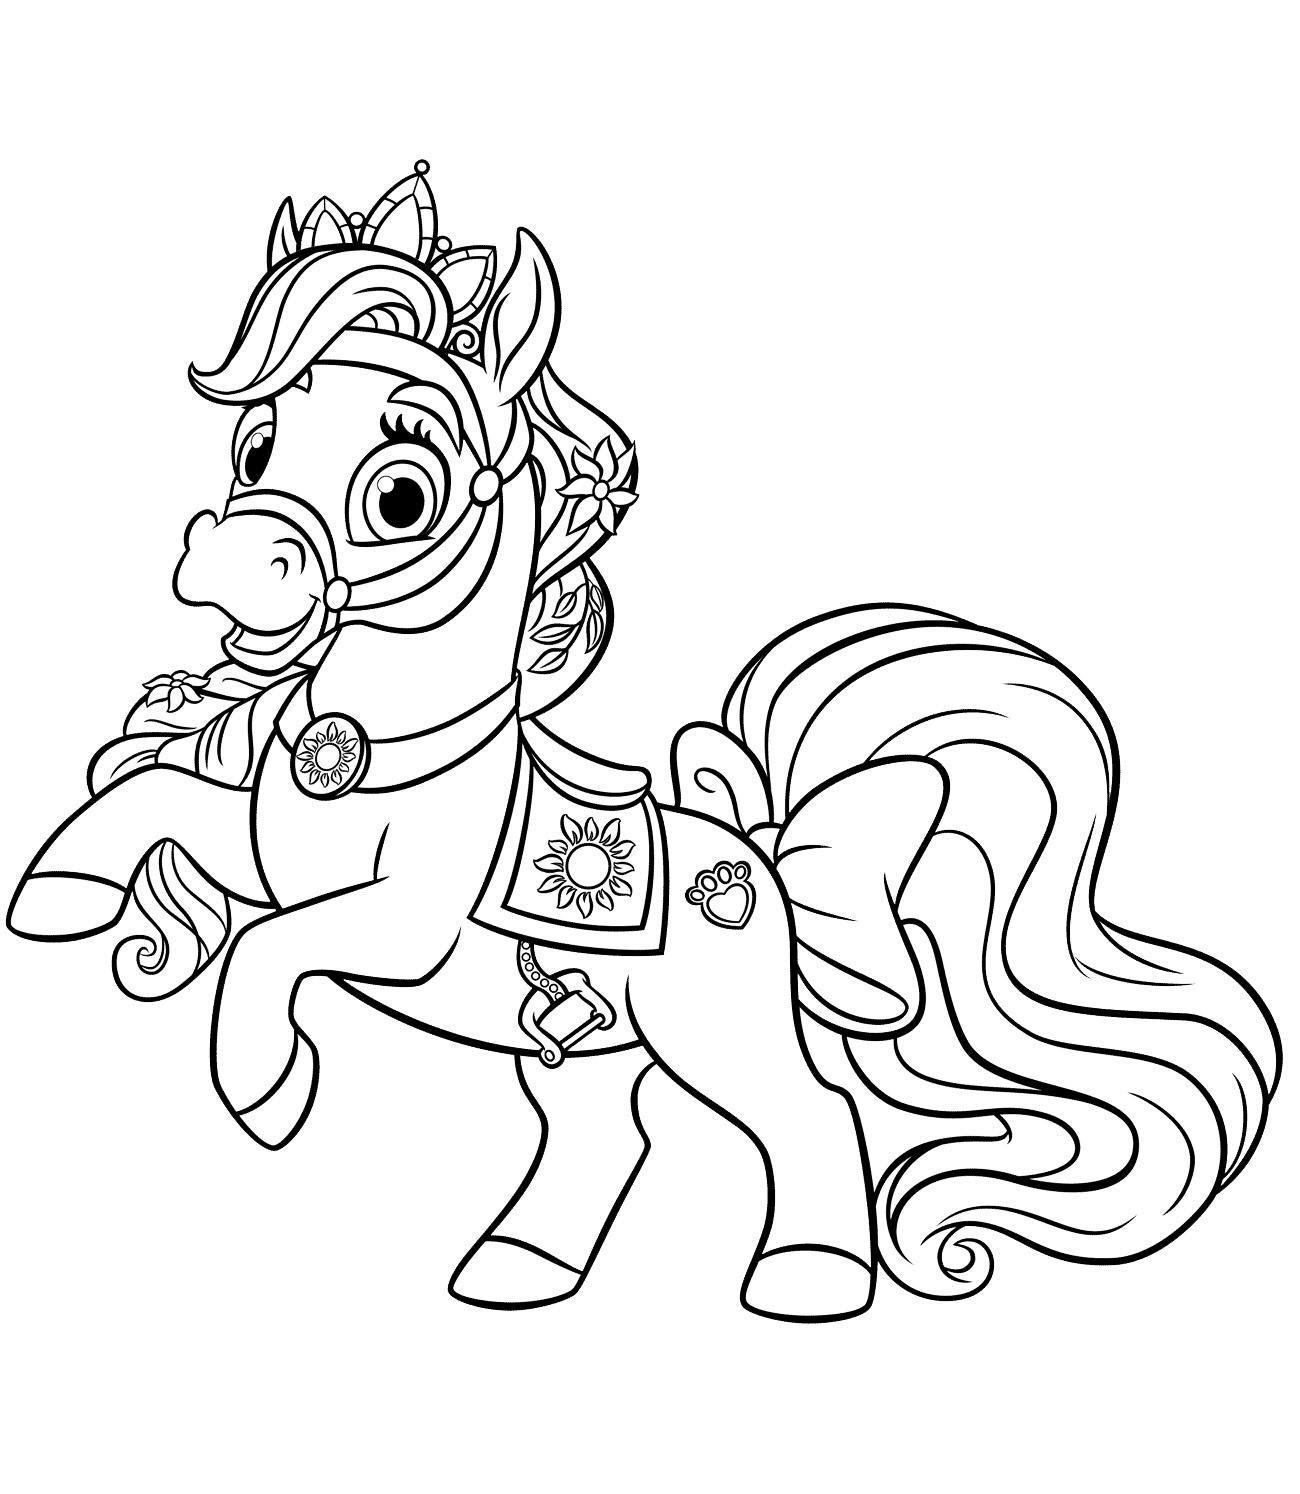 Tranh tô màu con ngựa cho bé mới tập tô